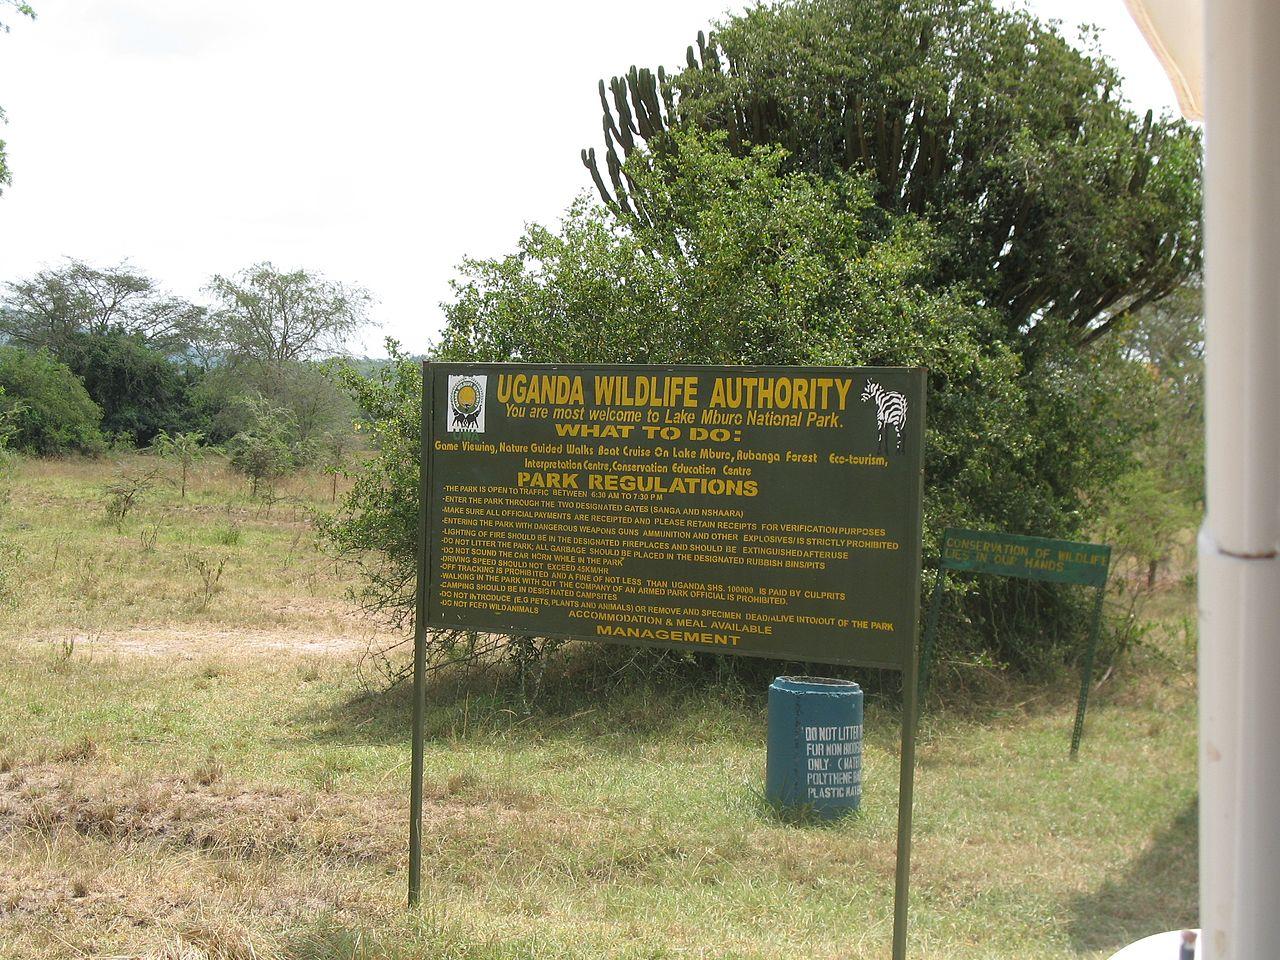 Aree protette africane:  il Parco Nazionale Lake Mburo racchiude grandi tesori e magiche atmosfere.